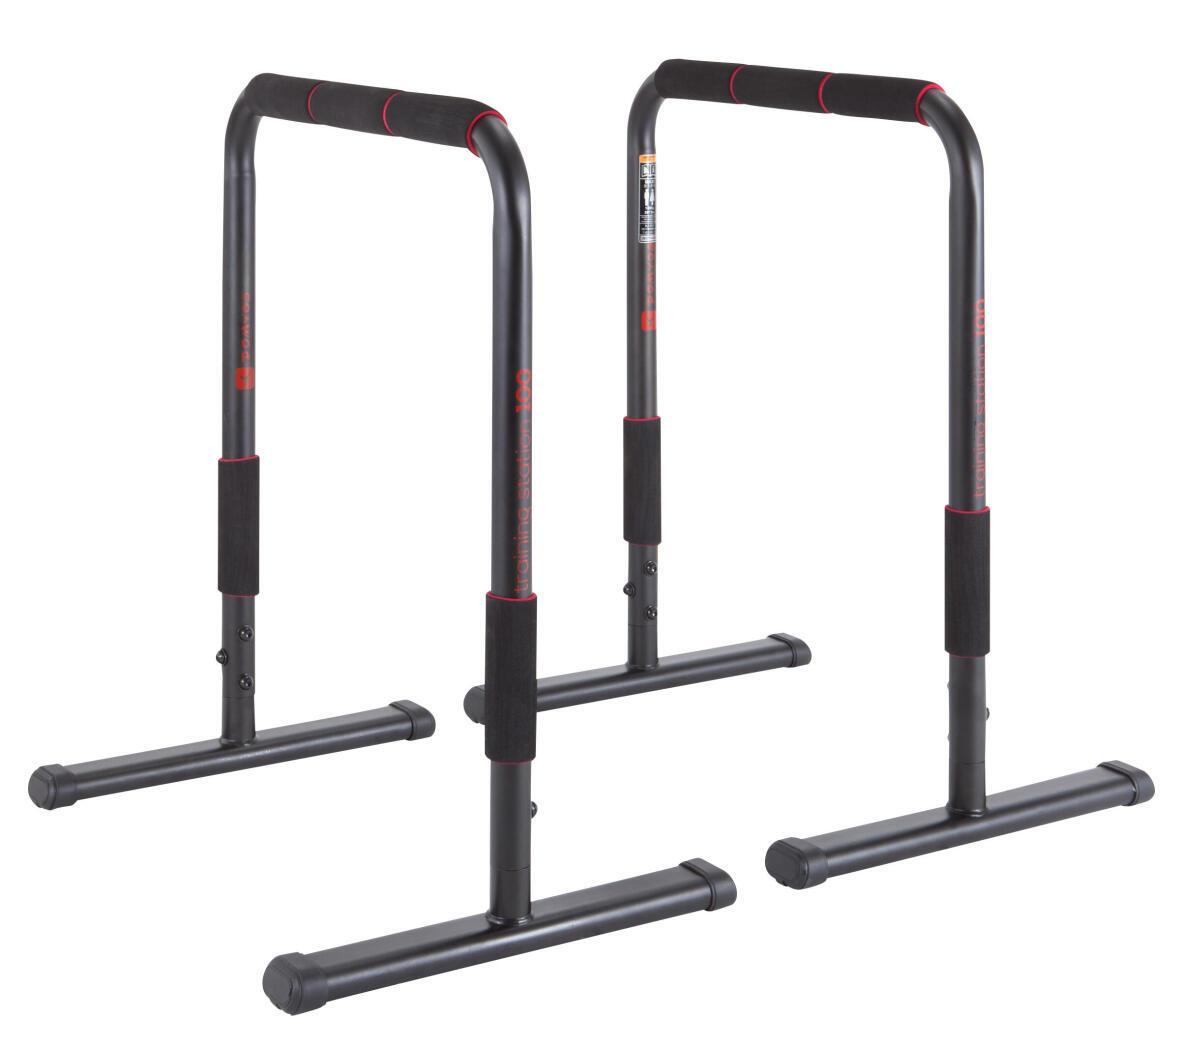 Cross Training | Dip Bar Exercises: Upper body